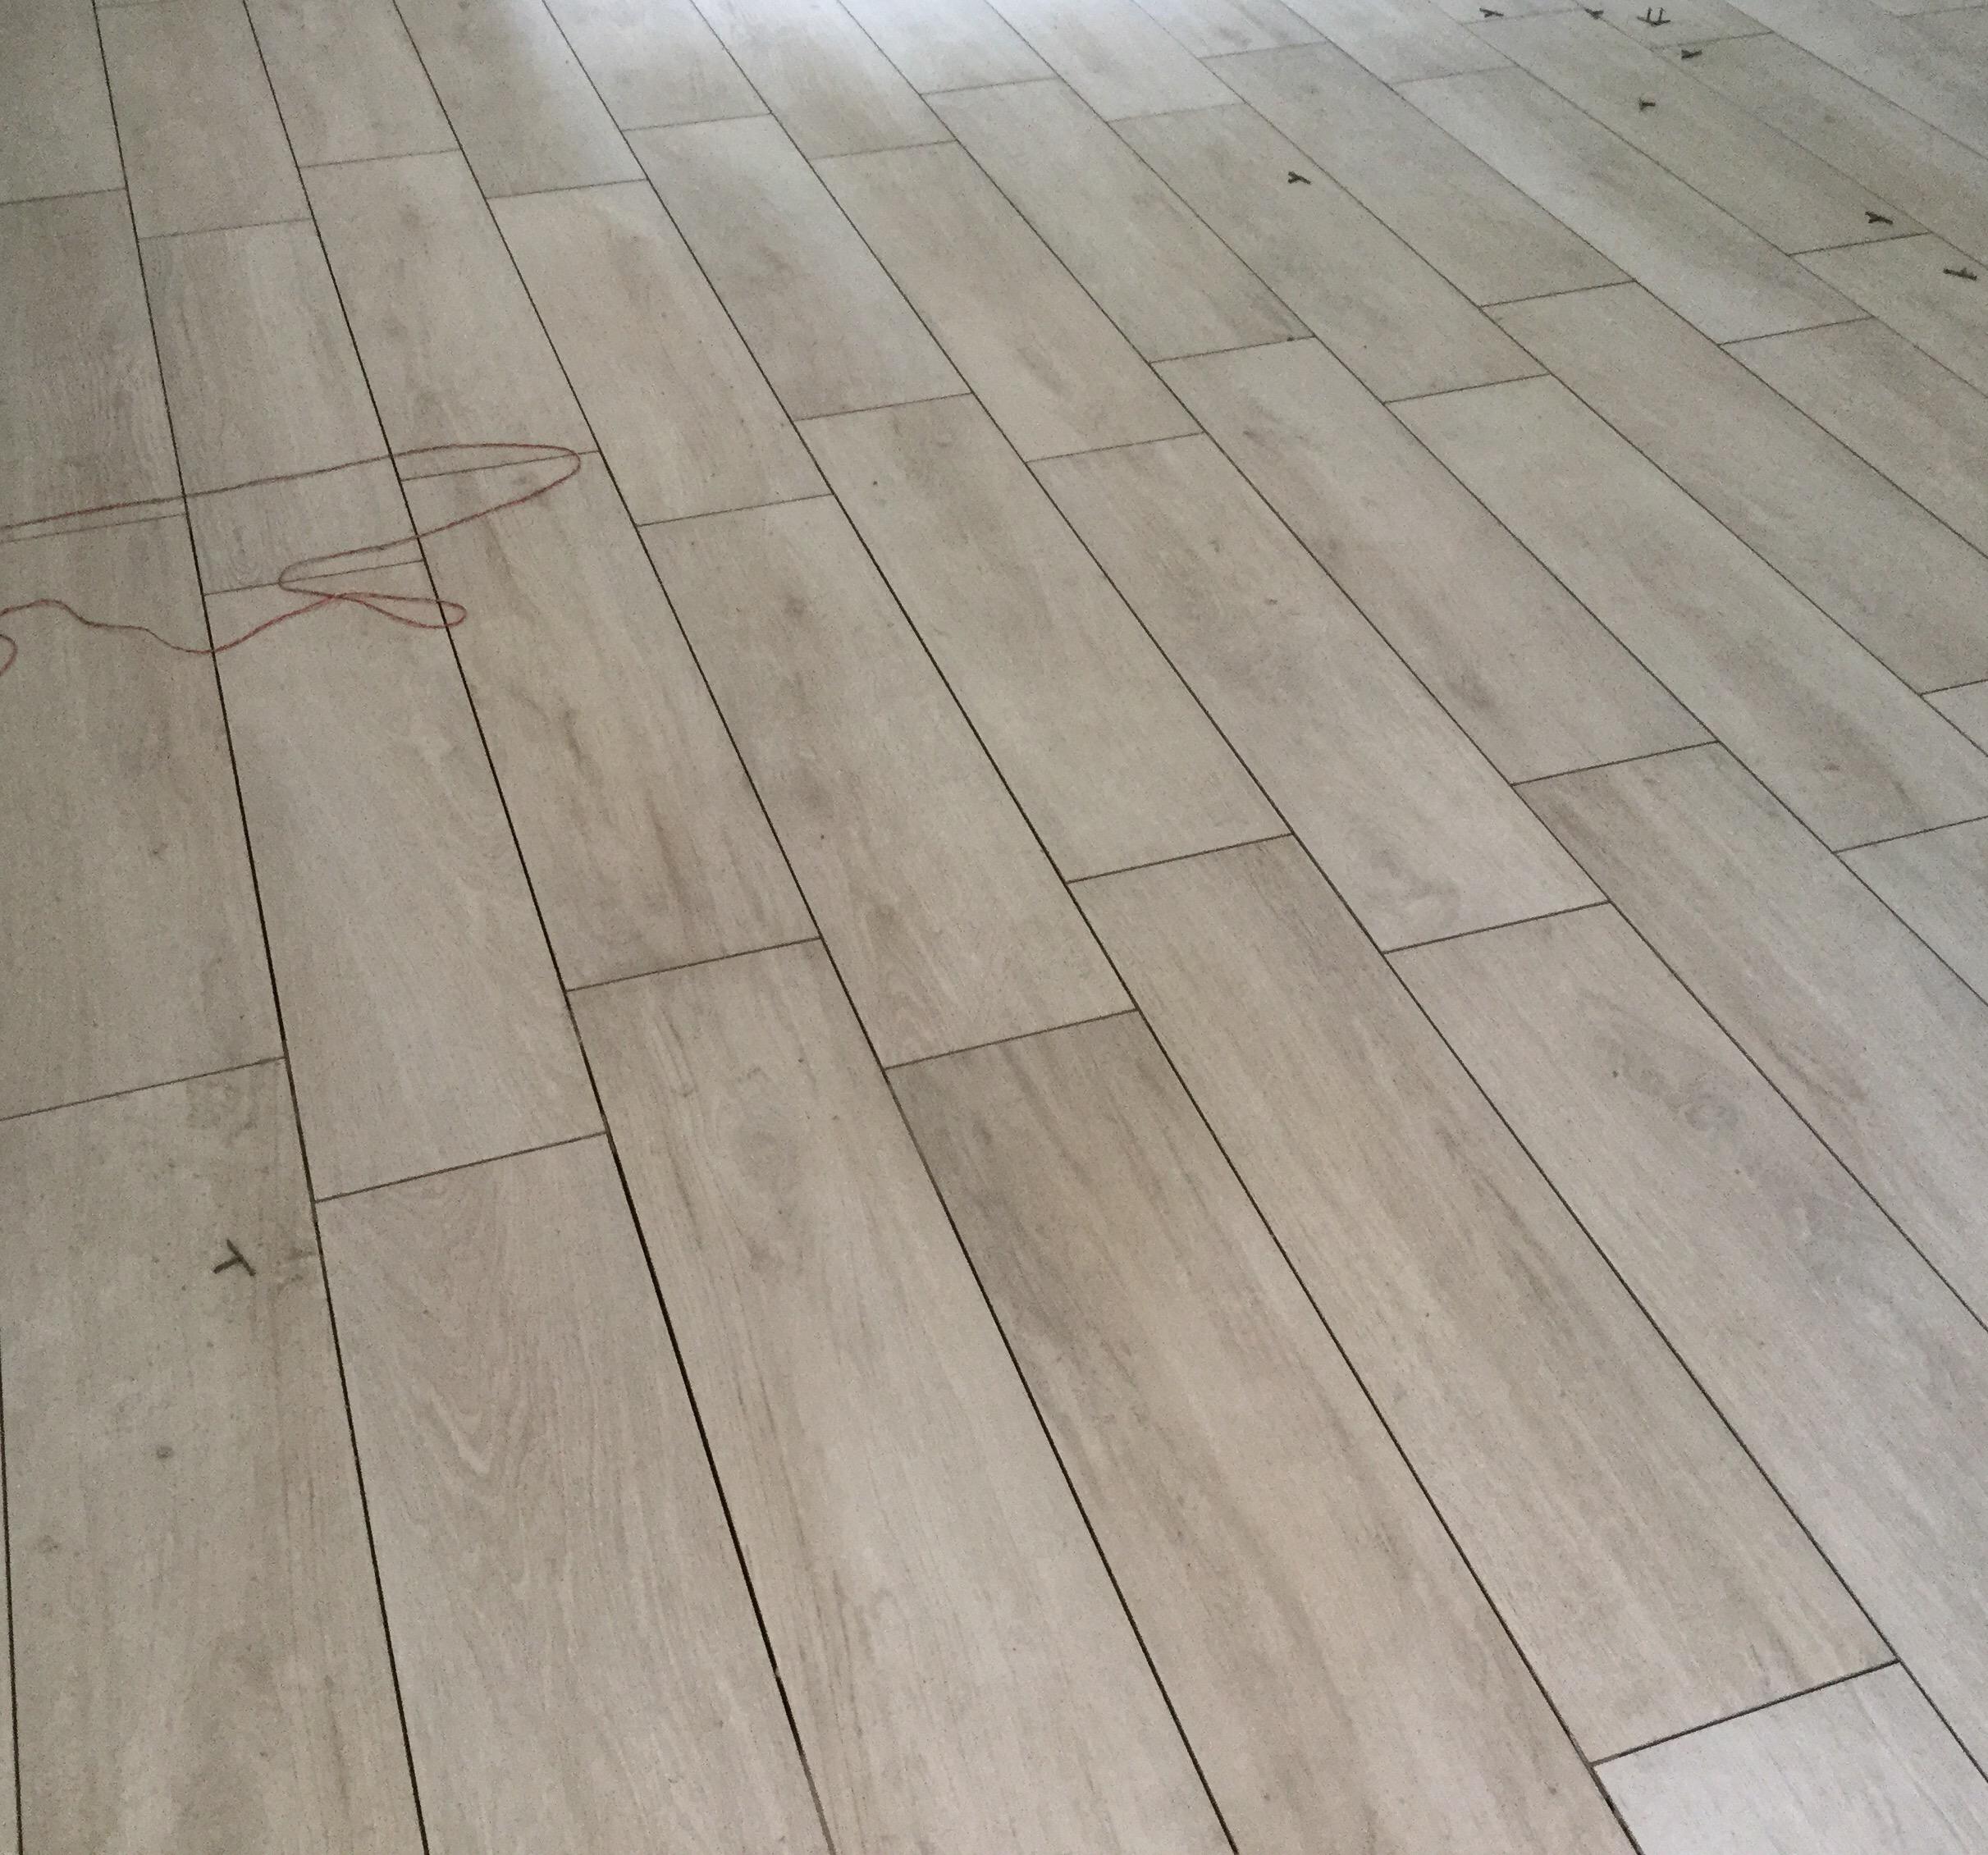 Pavimenti senza fughe piastrelle sottili grande formato for Pavimento senza fughe